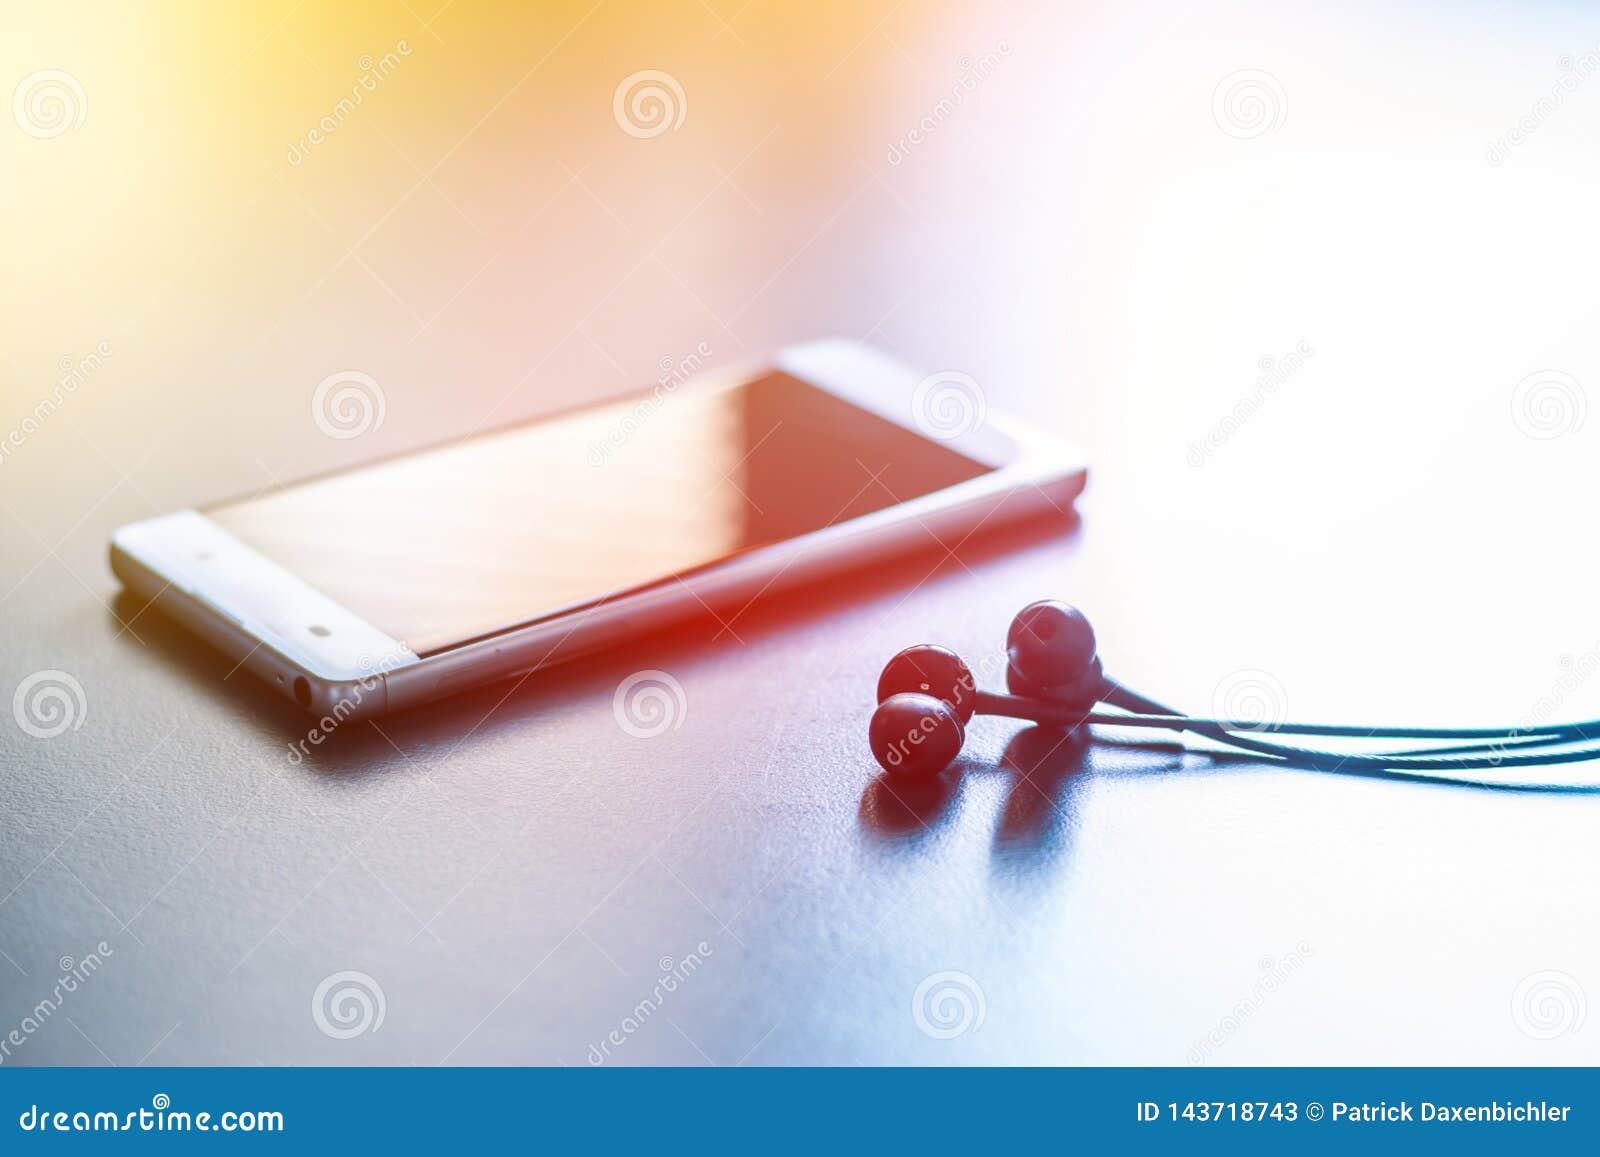 Telefone esperto: O telefone e os fones de ouvido estão encontrando-se em uma tabela cinzenta, opinião de perspectiva